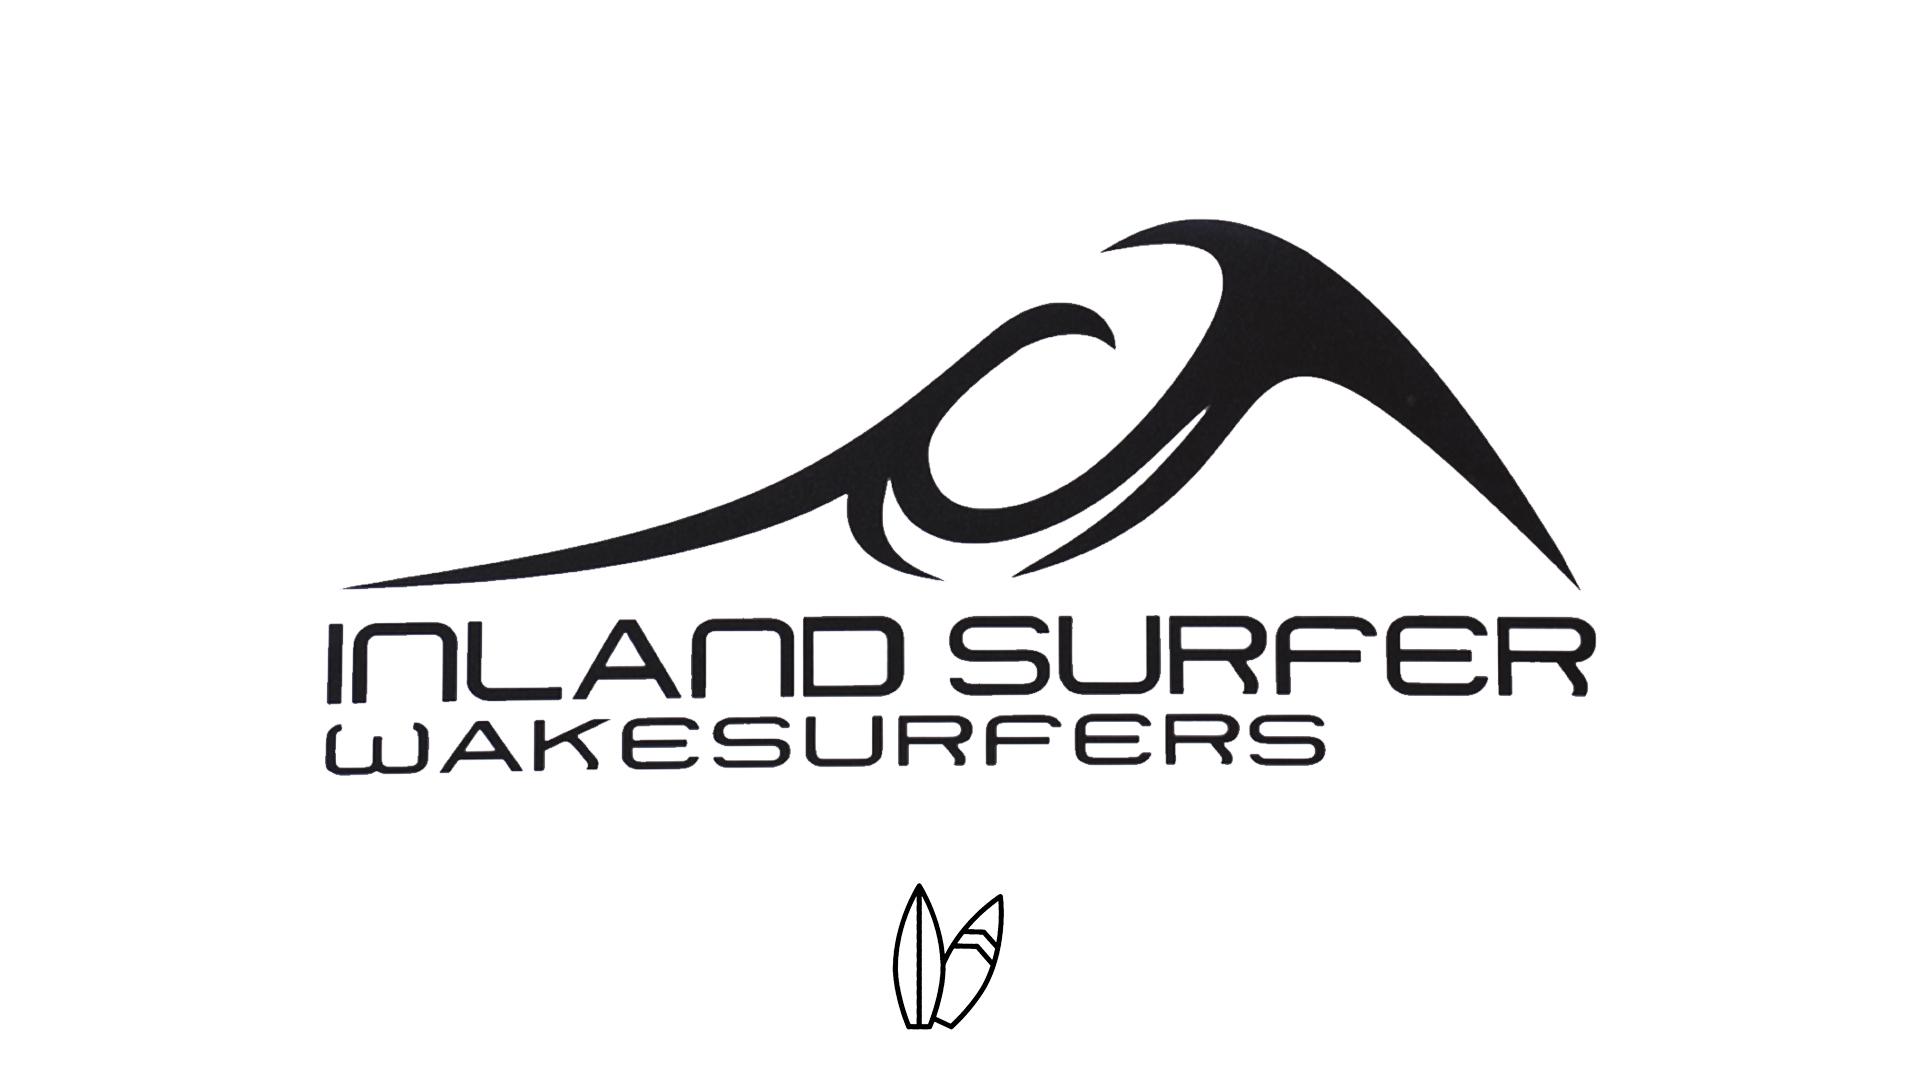 Insland Surfer